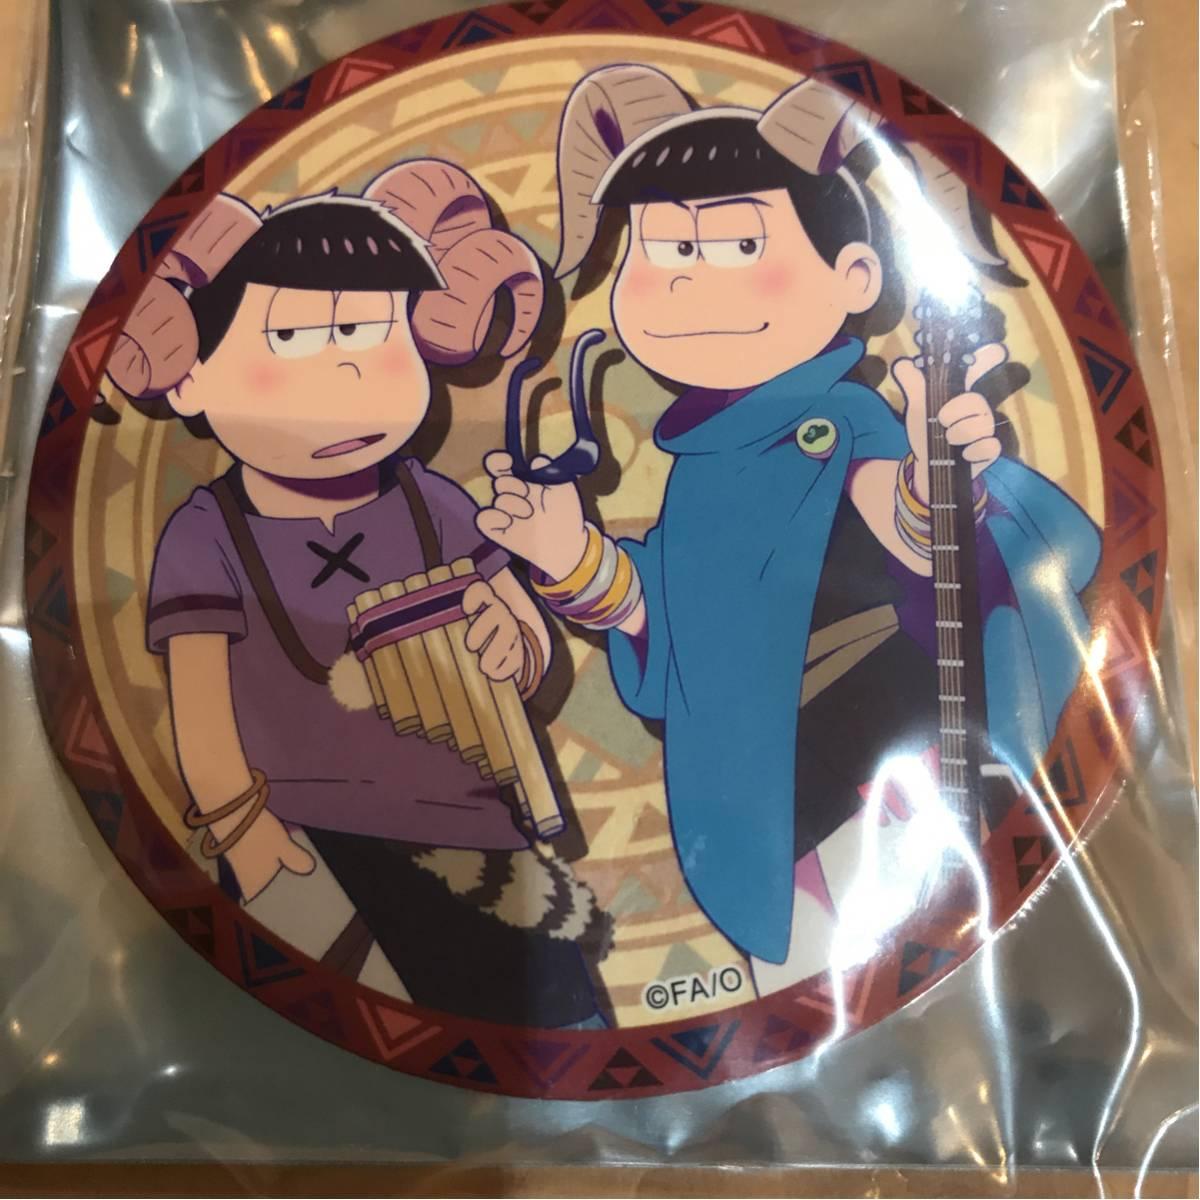 おそ松さん 缶バッジ HMV コンビ 色松 カラ松 一松 グッズの画像